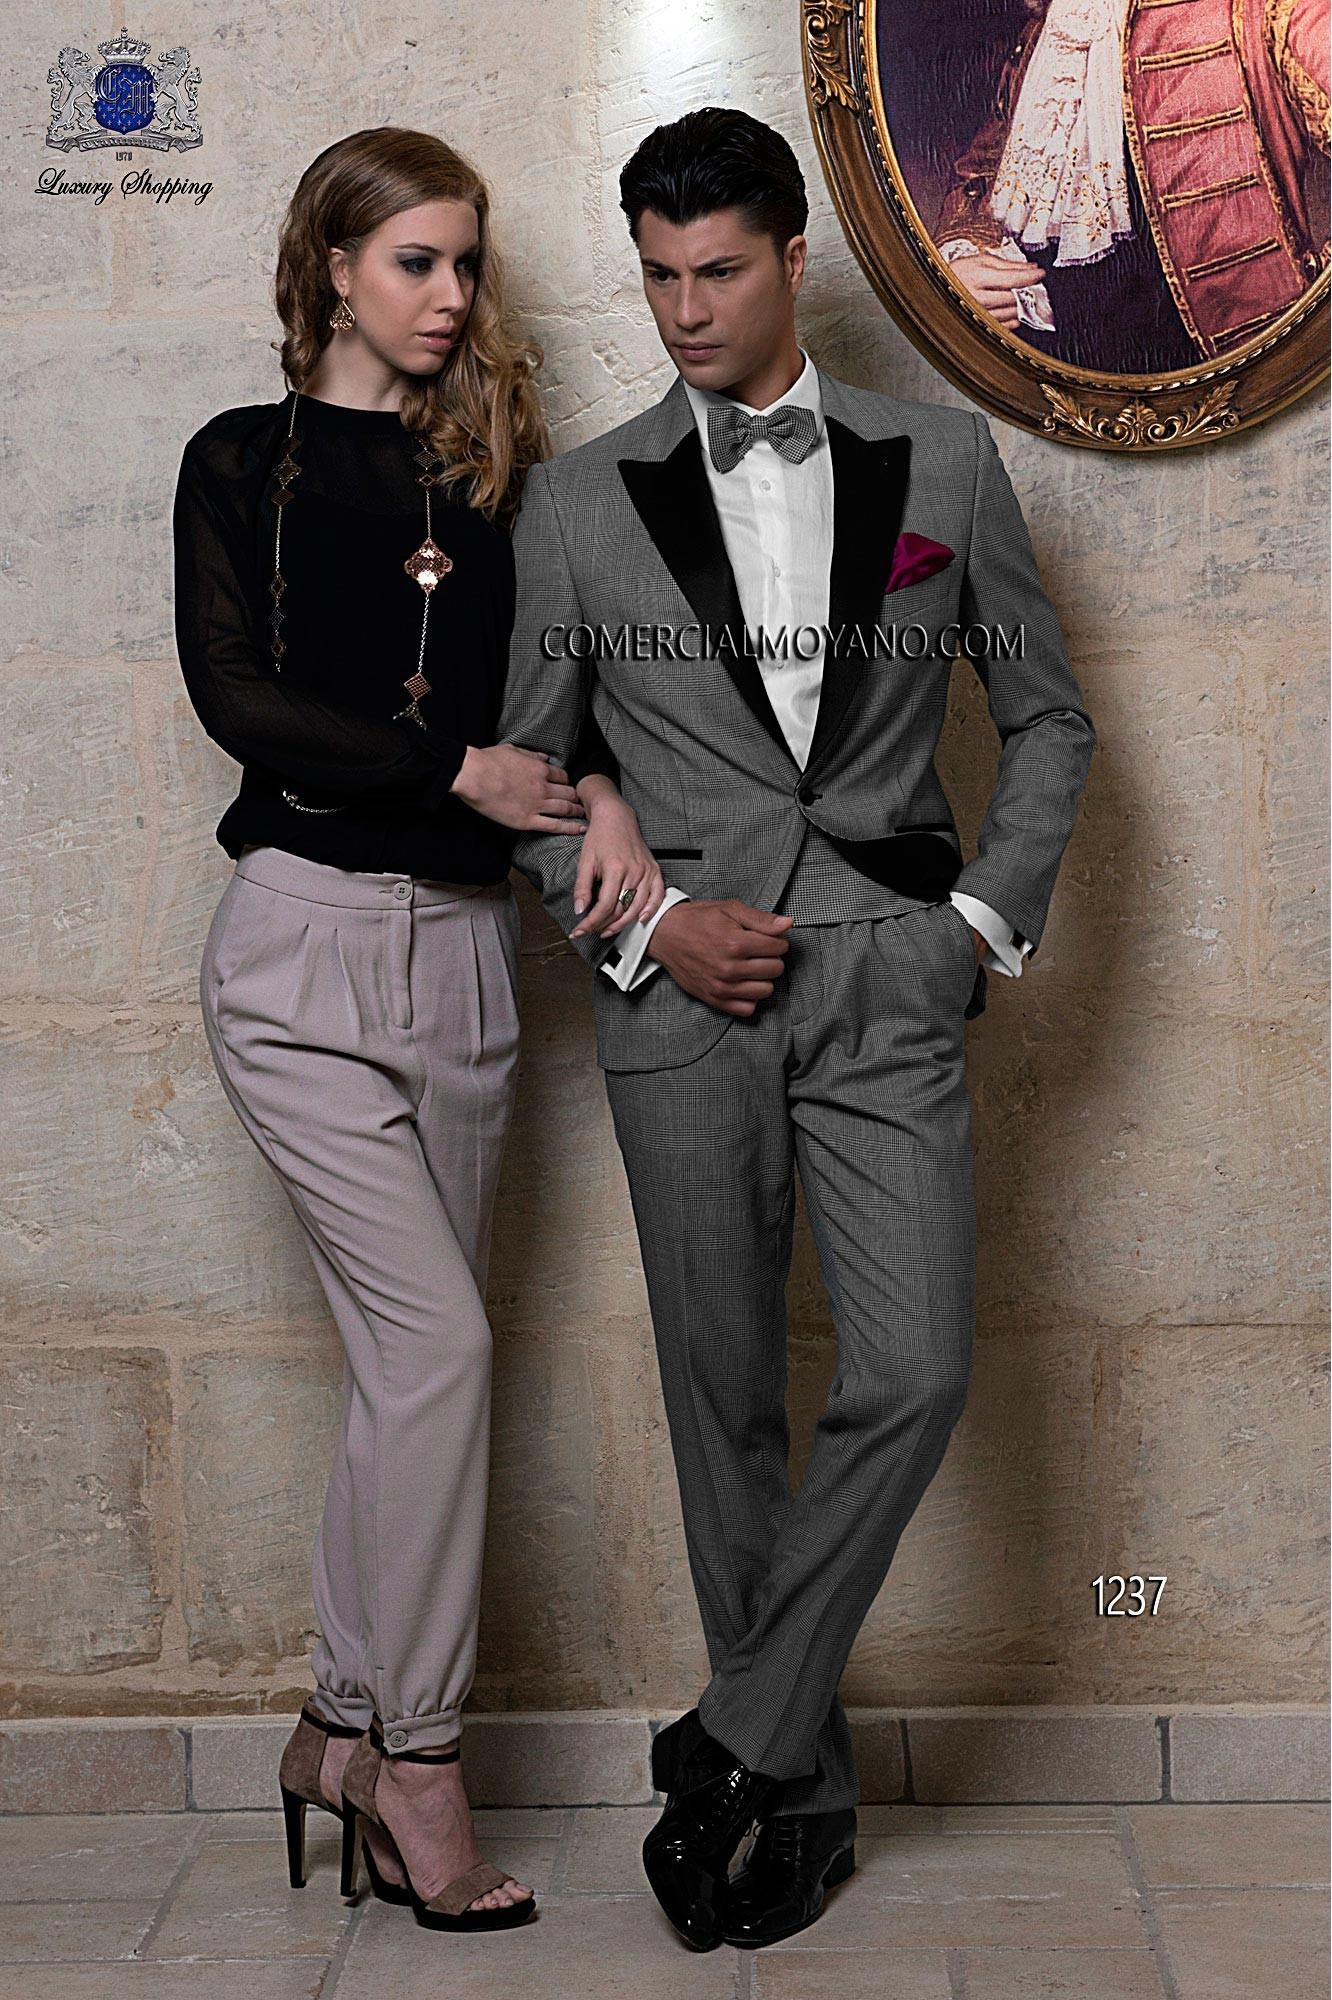 Traje de fiesta hombre gales gris modelo: 1237 Ottavio Nuccio Gala colección Black Tie